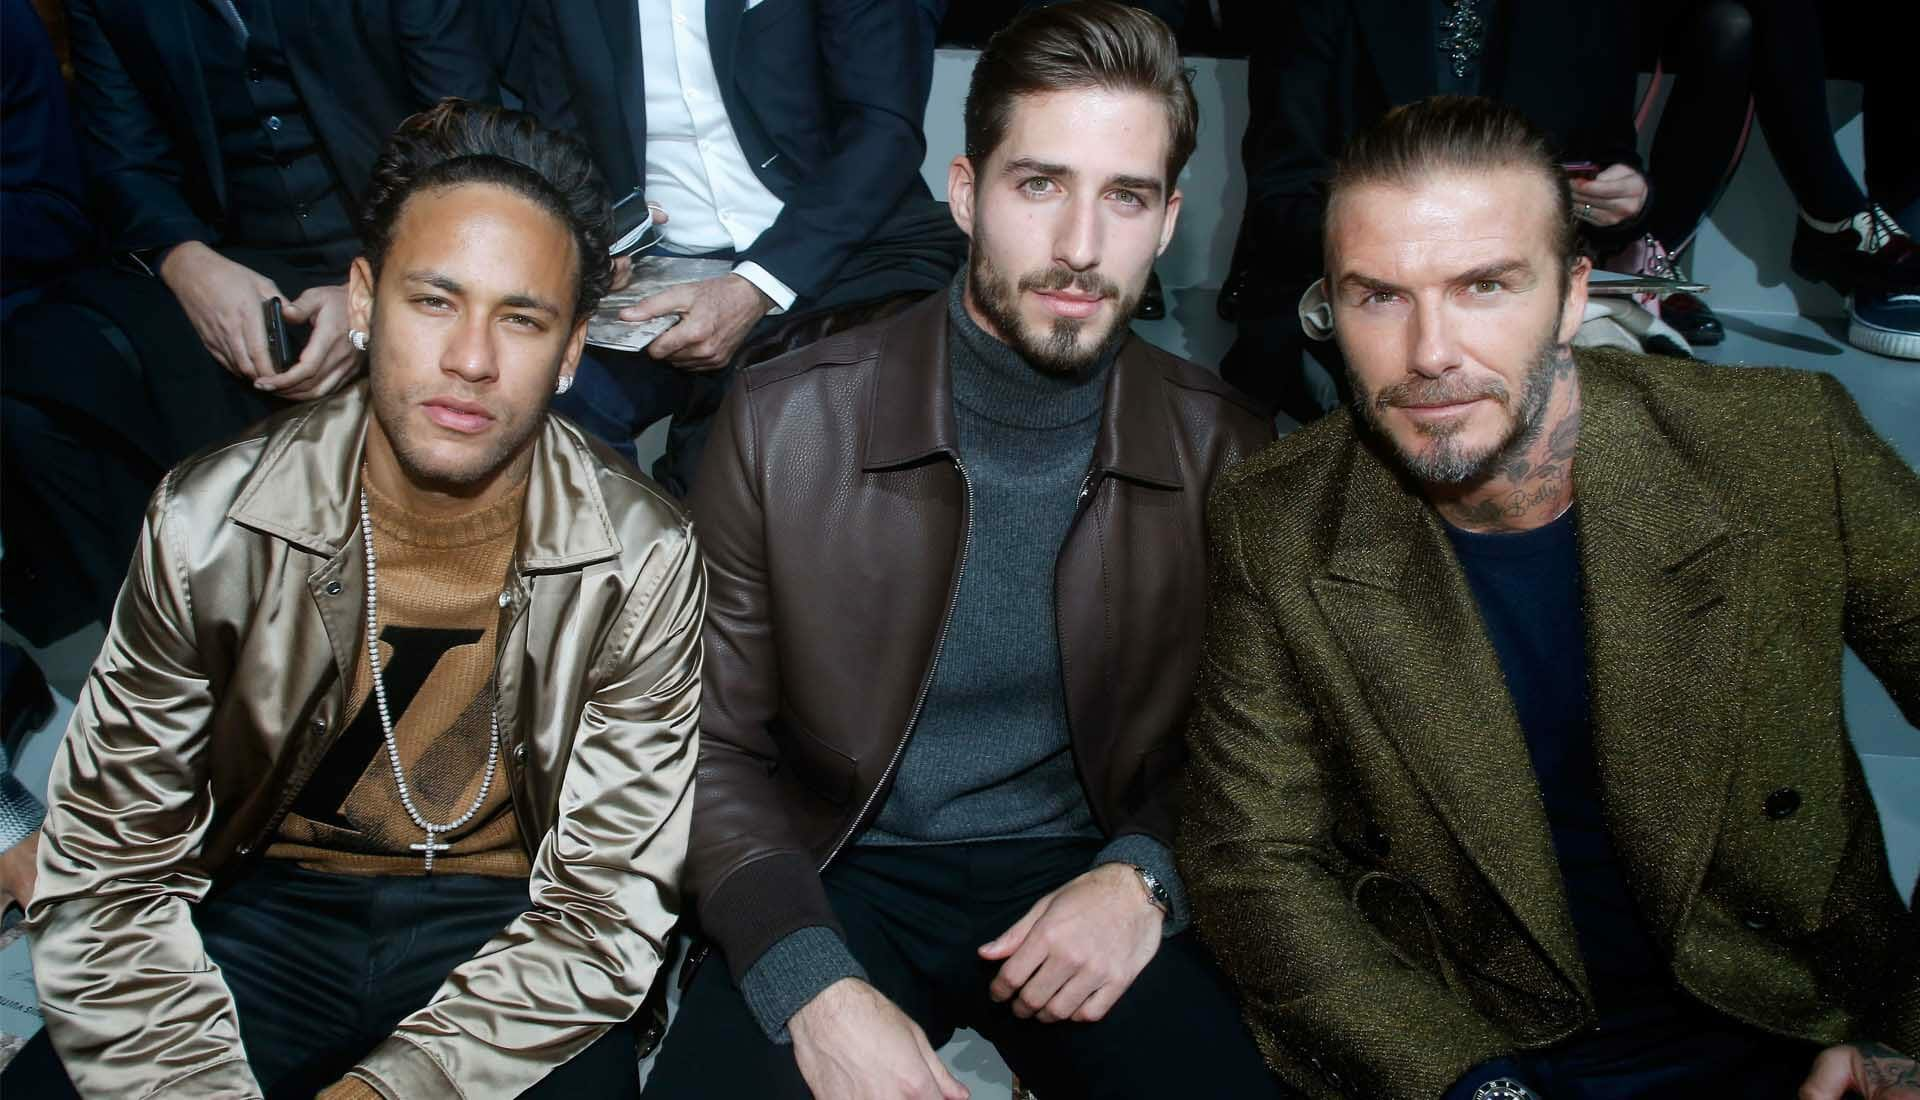 Ces sportifs au «Front Row» lors de la fashion week